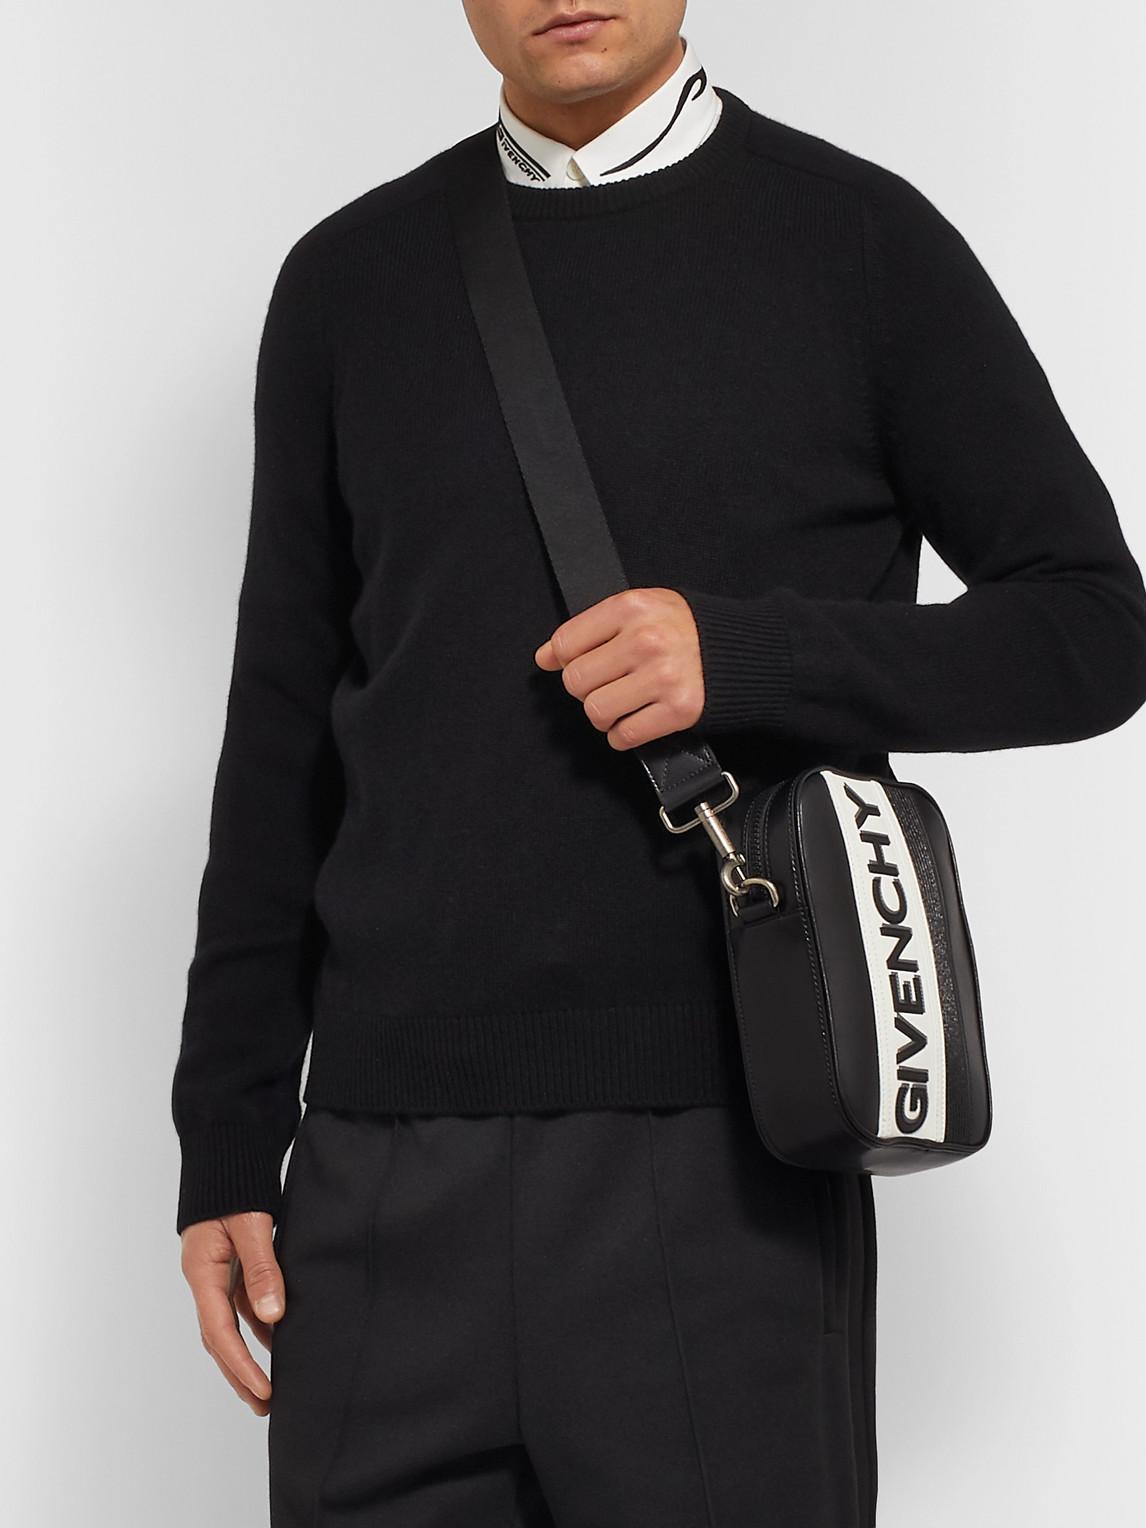 Givenchy Bags LOGO-APPLIQUÉD LEATHER MESSENGER BAG